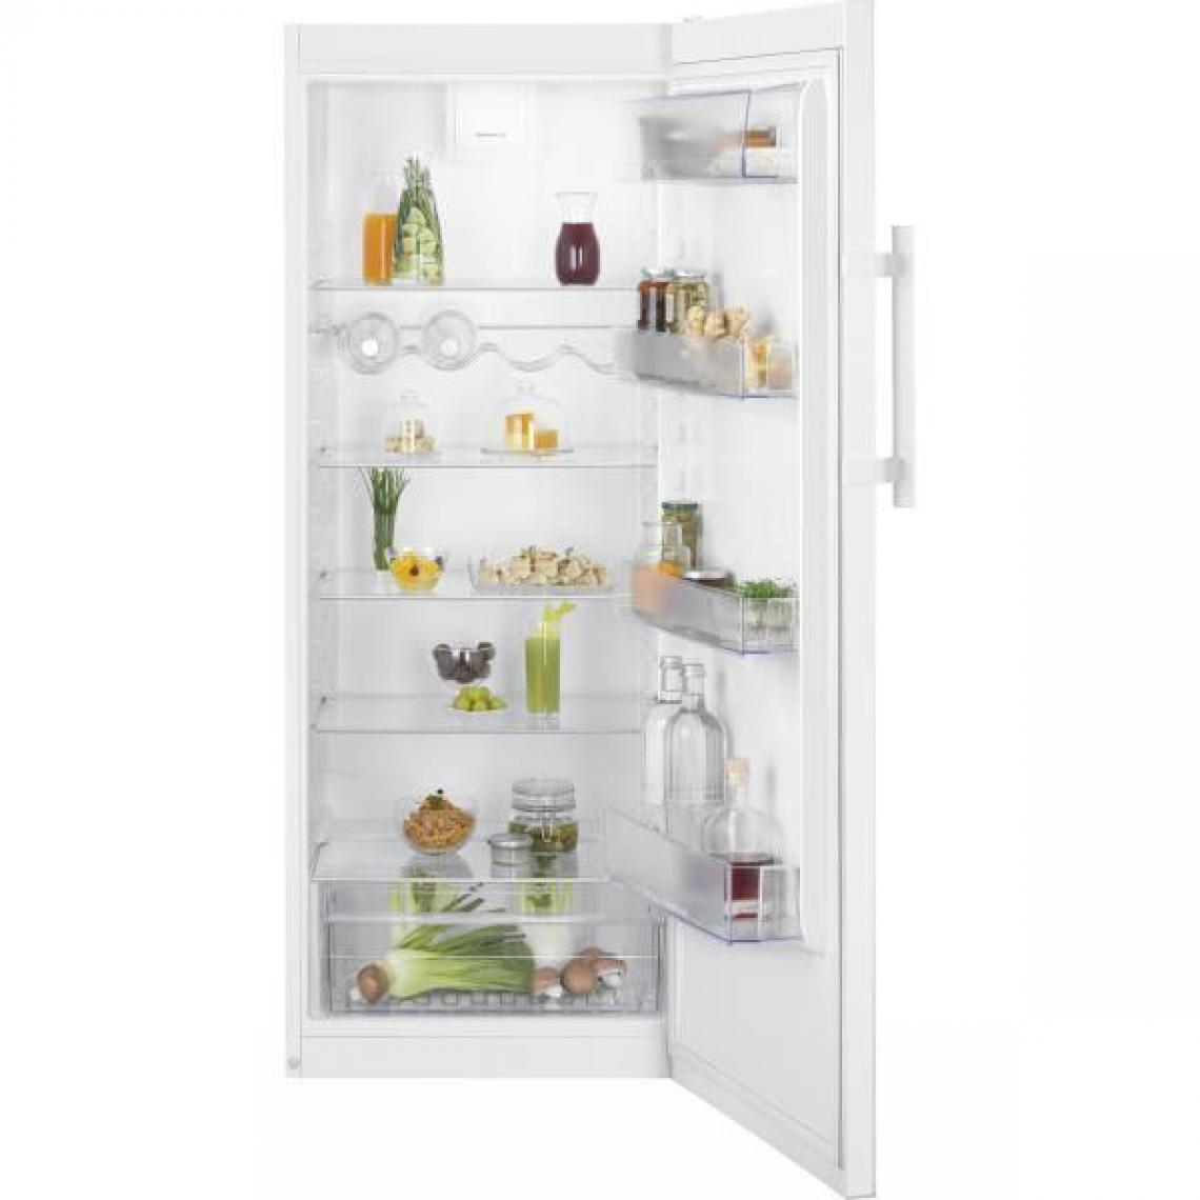 Electrolux Réfrigérateur 1 porte 314L Froid Brassé ELECTROLUX 60cm A+, LRB1DF32W